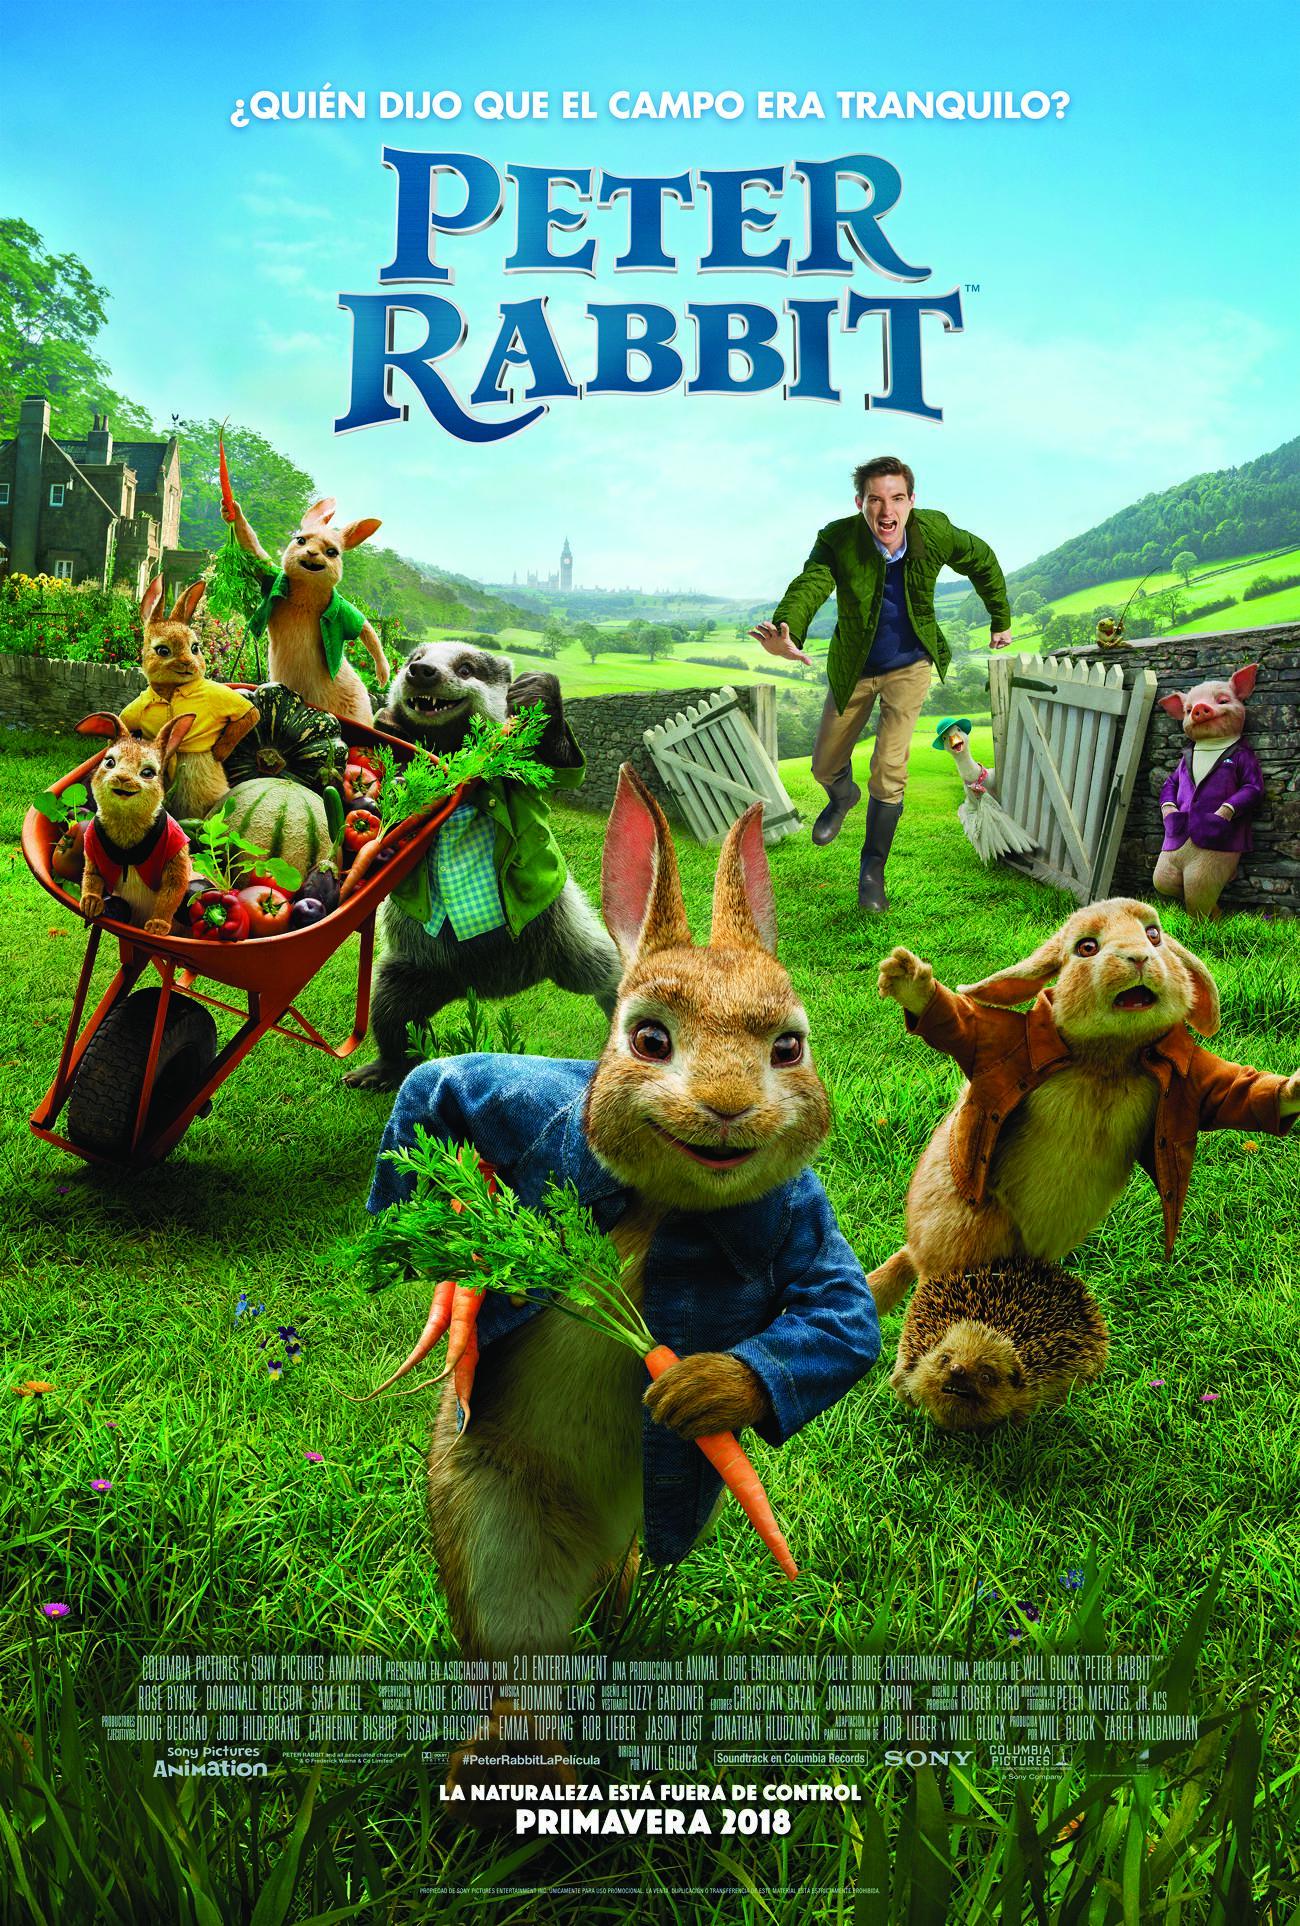 'Peter Rabbit': Póster final español de la adaptación del querido clásico inglés